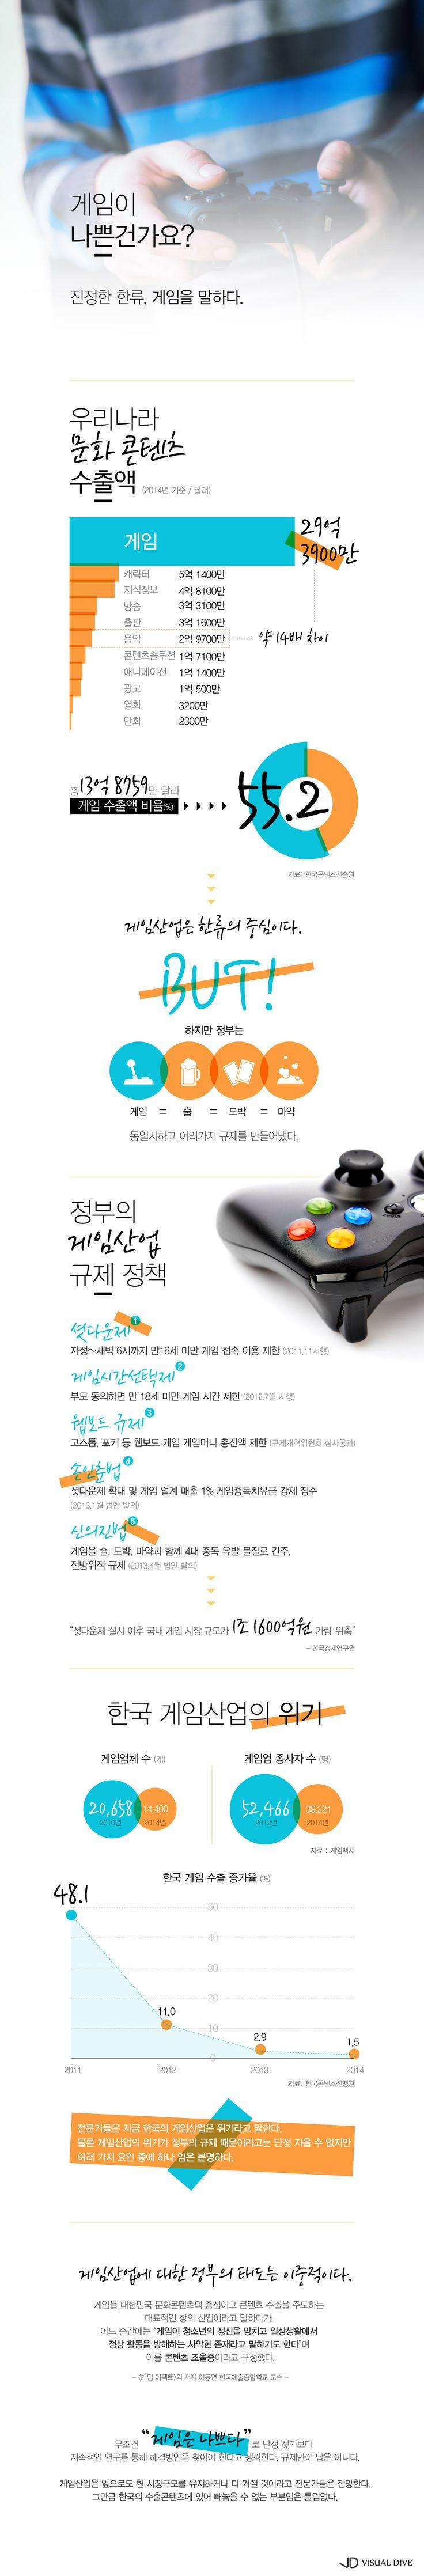 '한류의 중심' 게임 산업…관련 규제는? [인포그래픽] #Game / #Infographic ⓒ 비주얼다이브 무단 복사·전재·재배포 금지